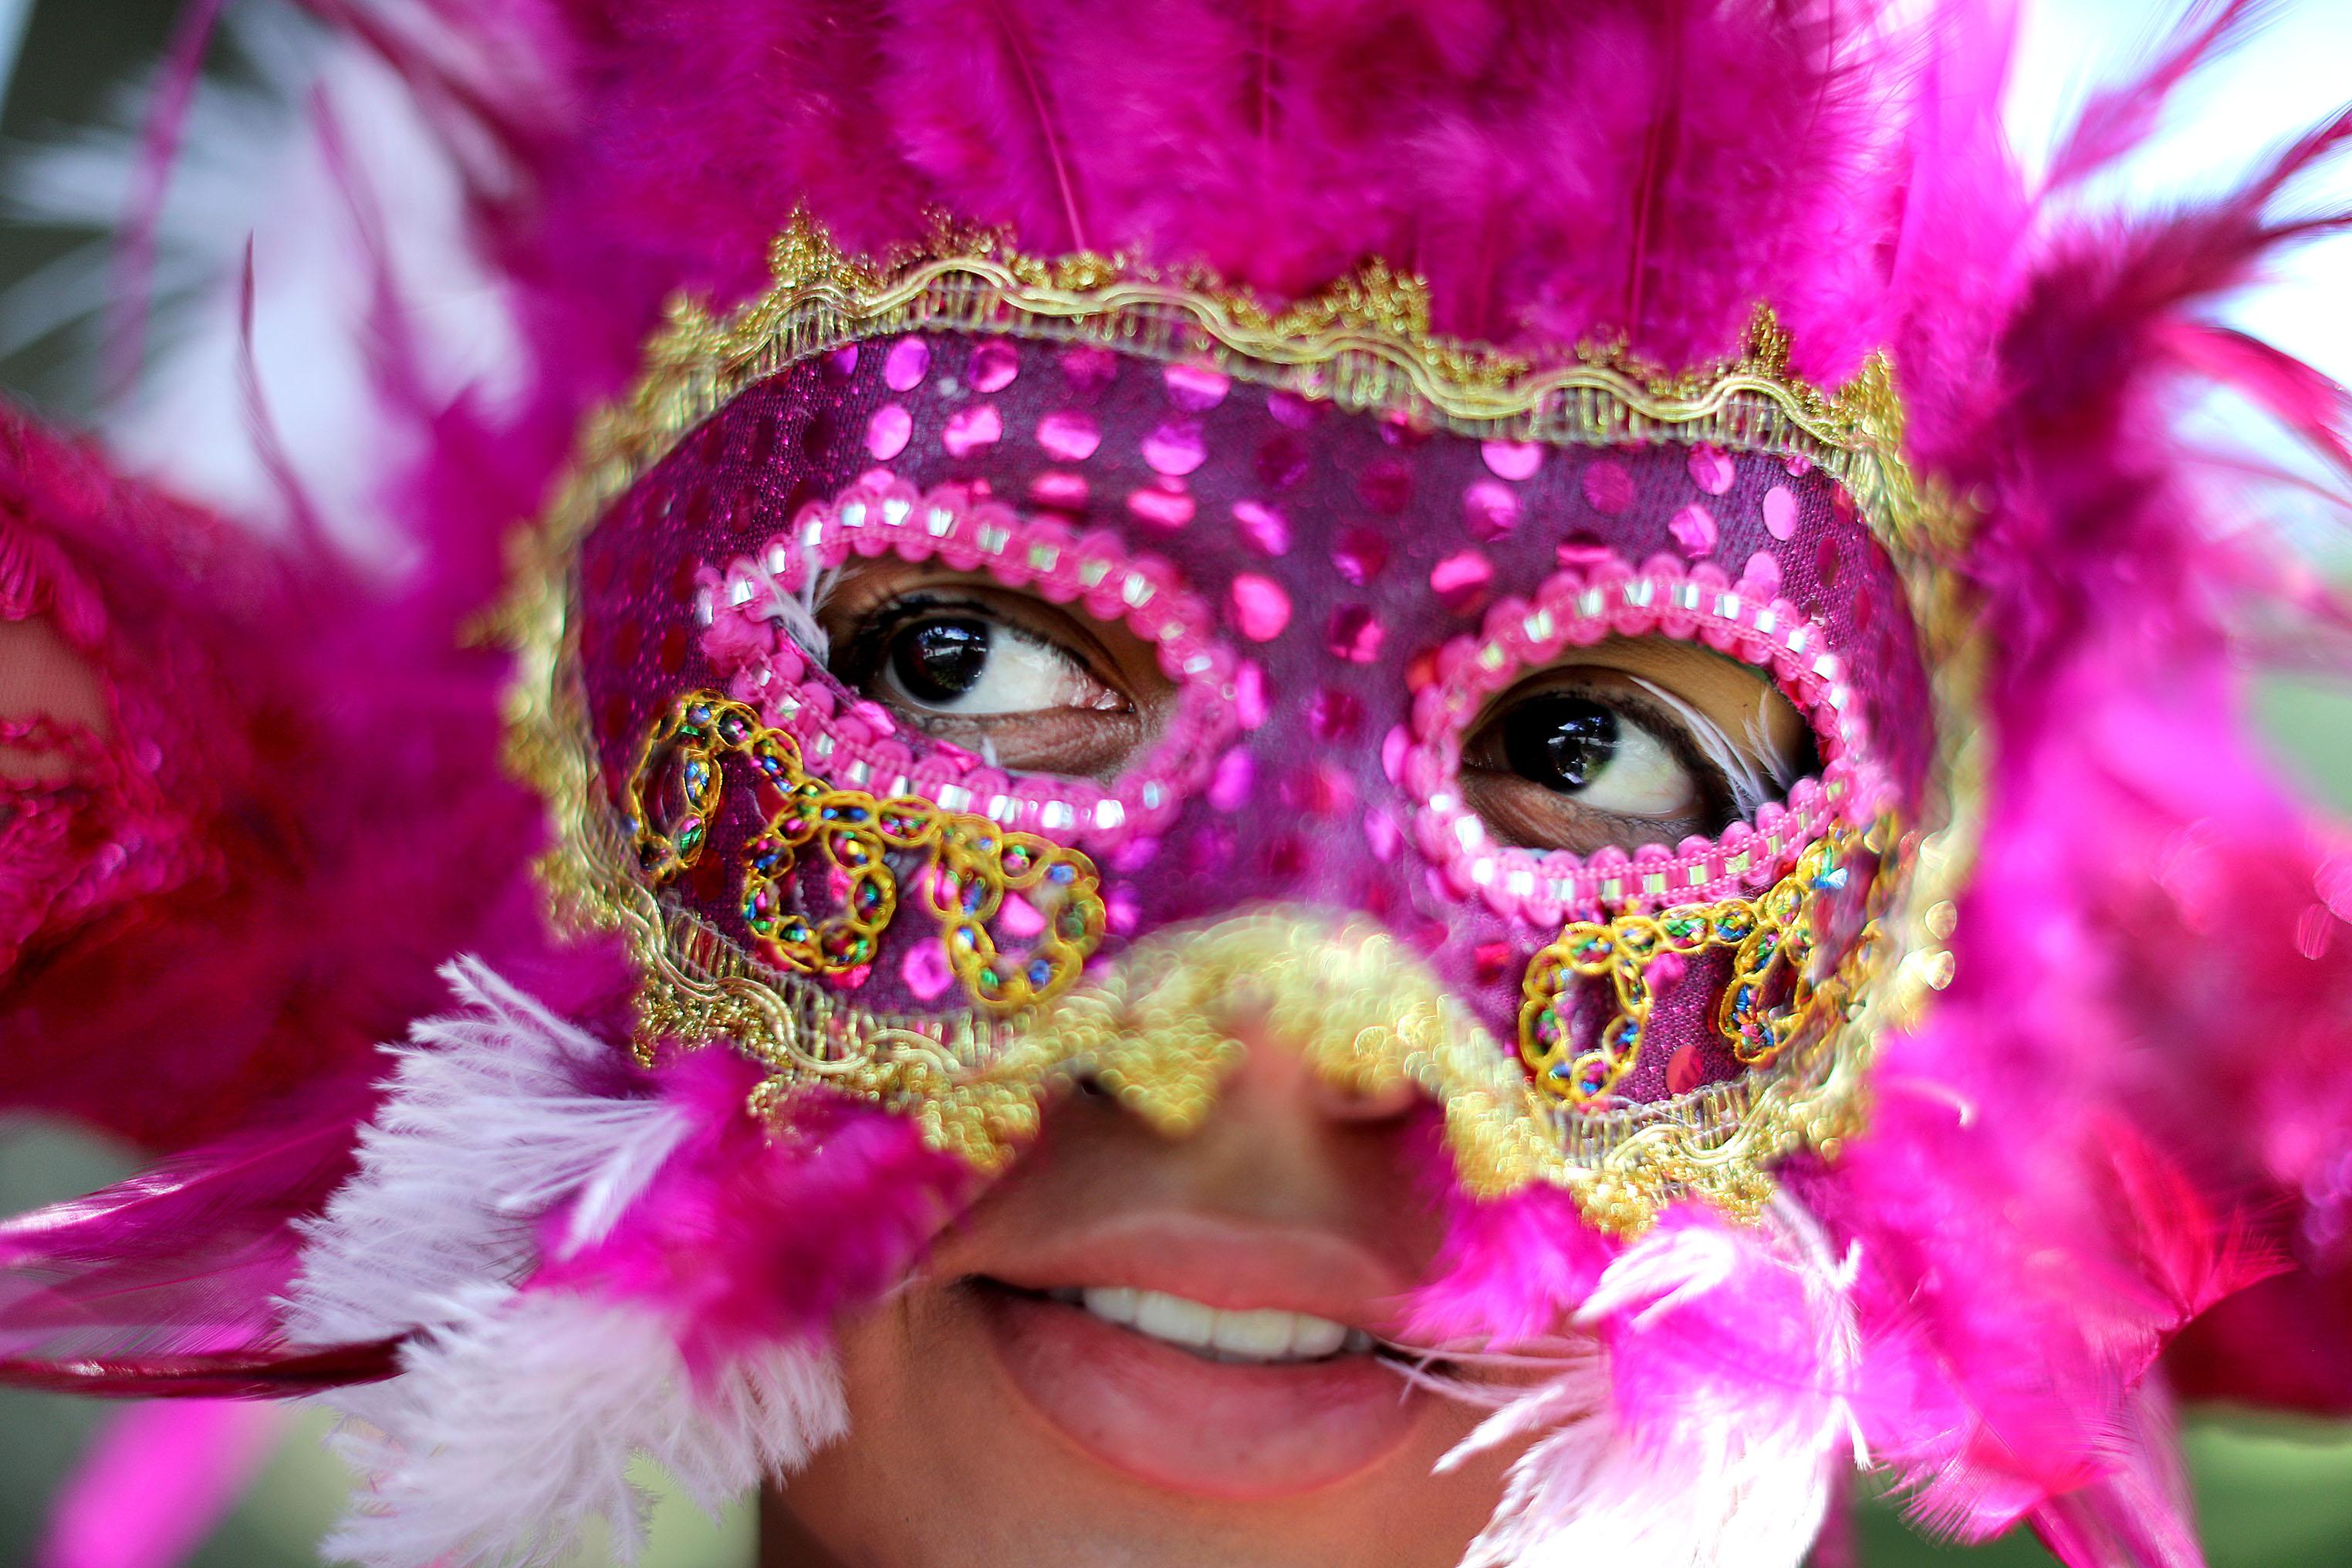 Photos from Boston's Caribbean Carnival parade